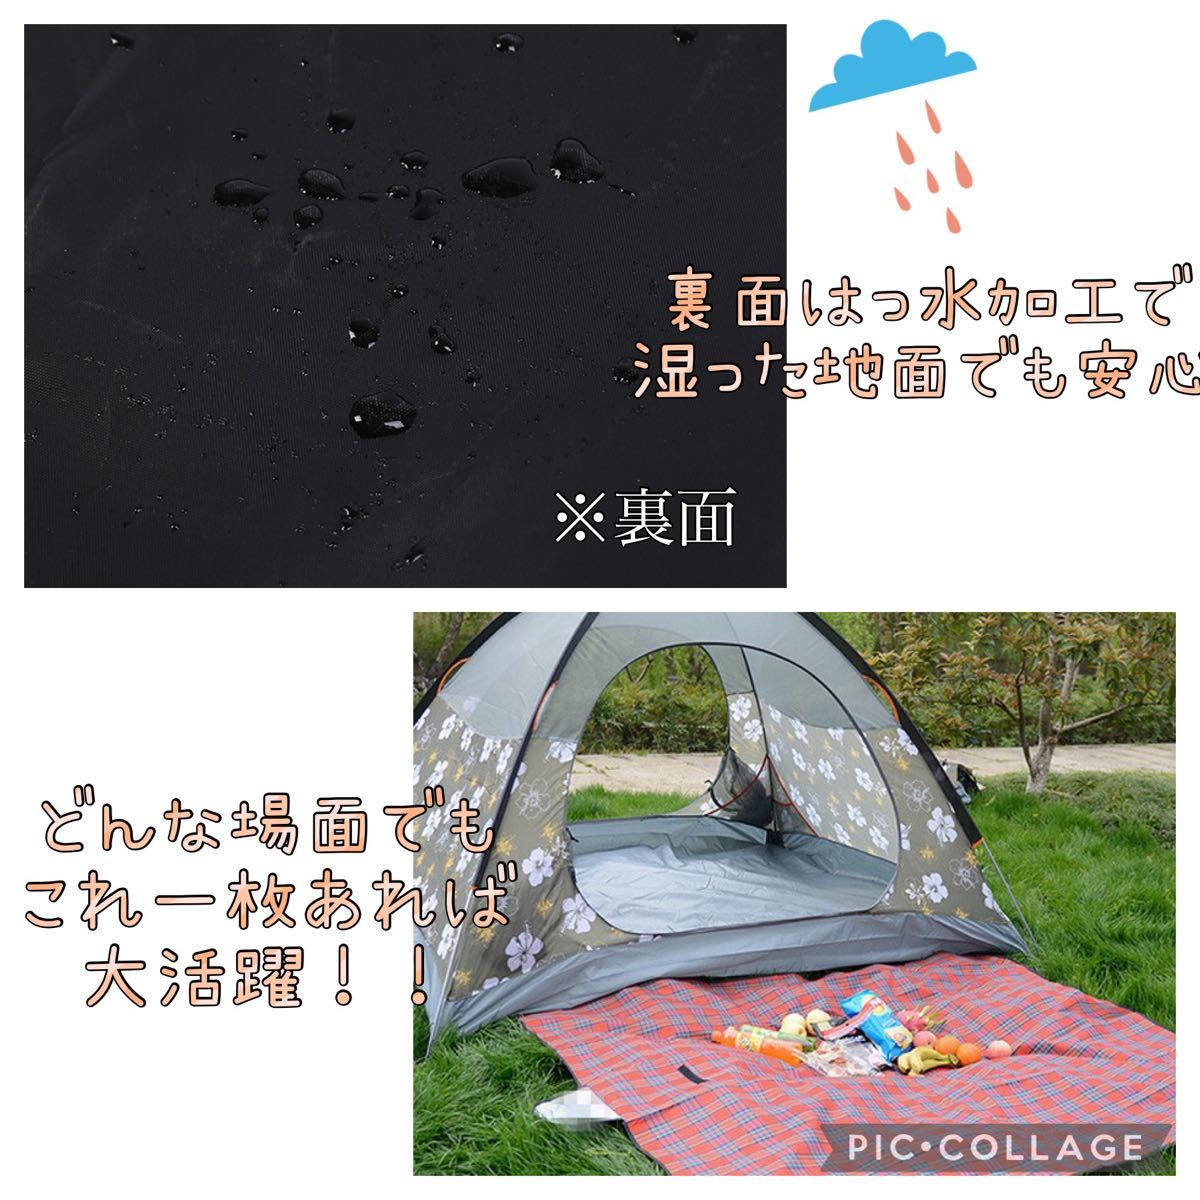 【新品】折りたたみレジャーシート ピクニック キャンプ 運動会 アウトドア 折り畳み 撥水